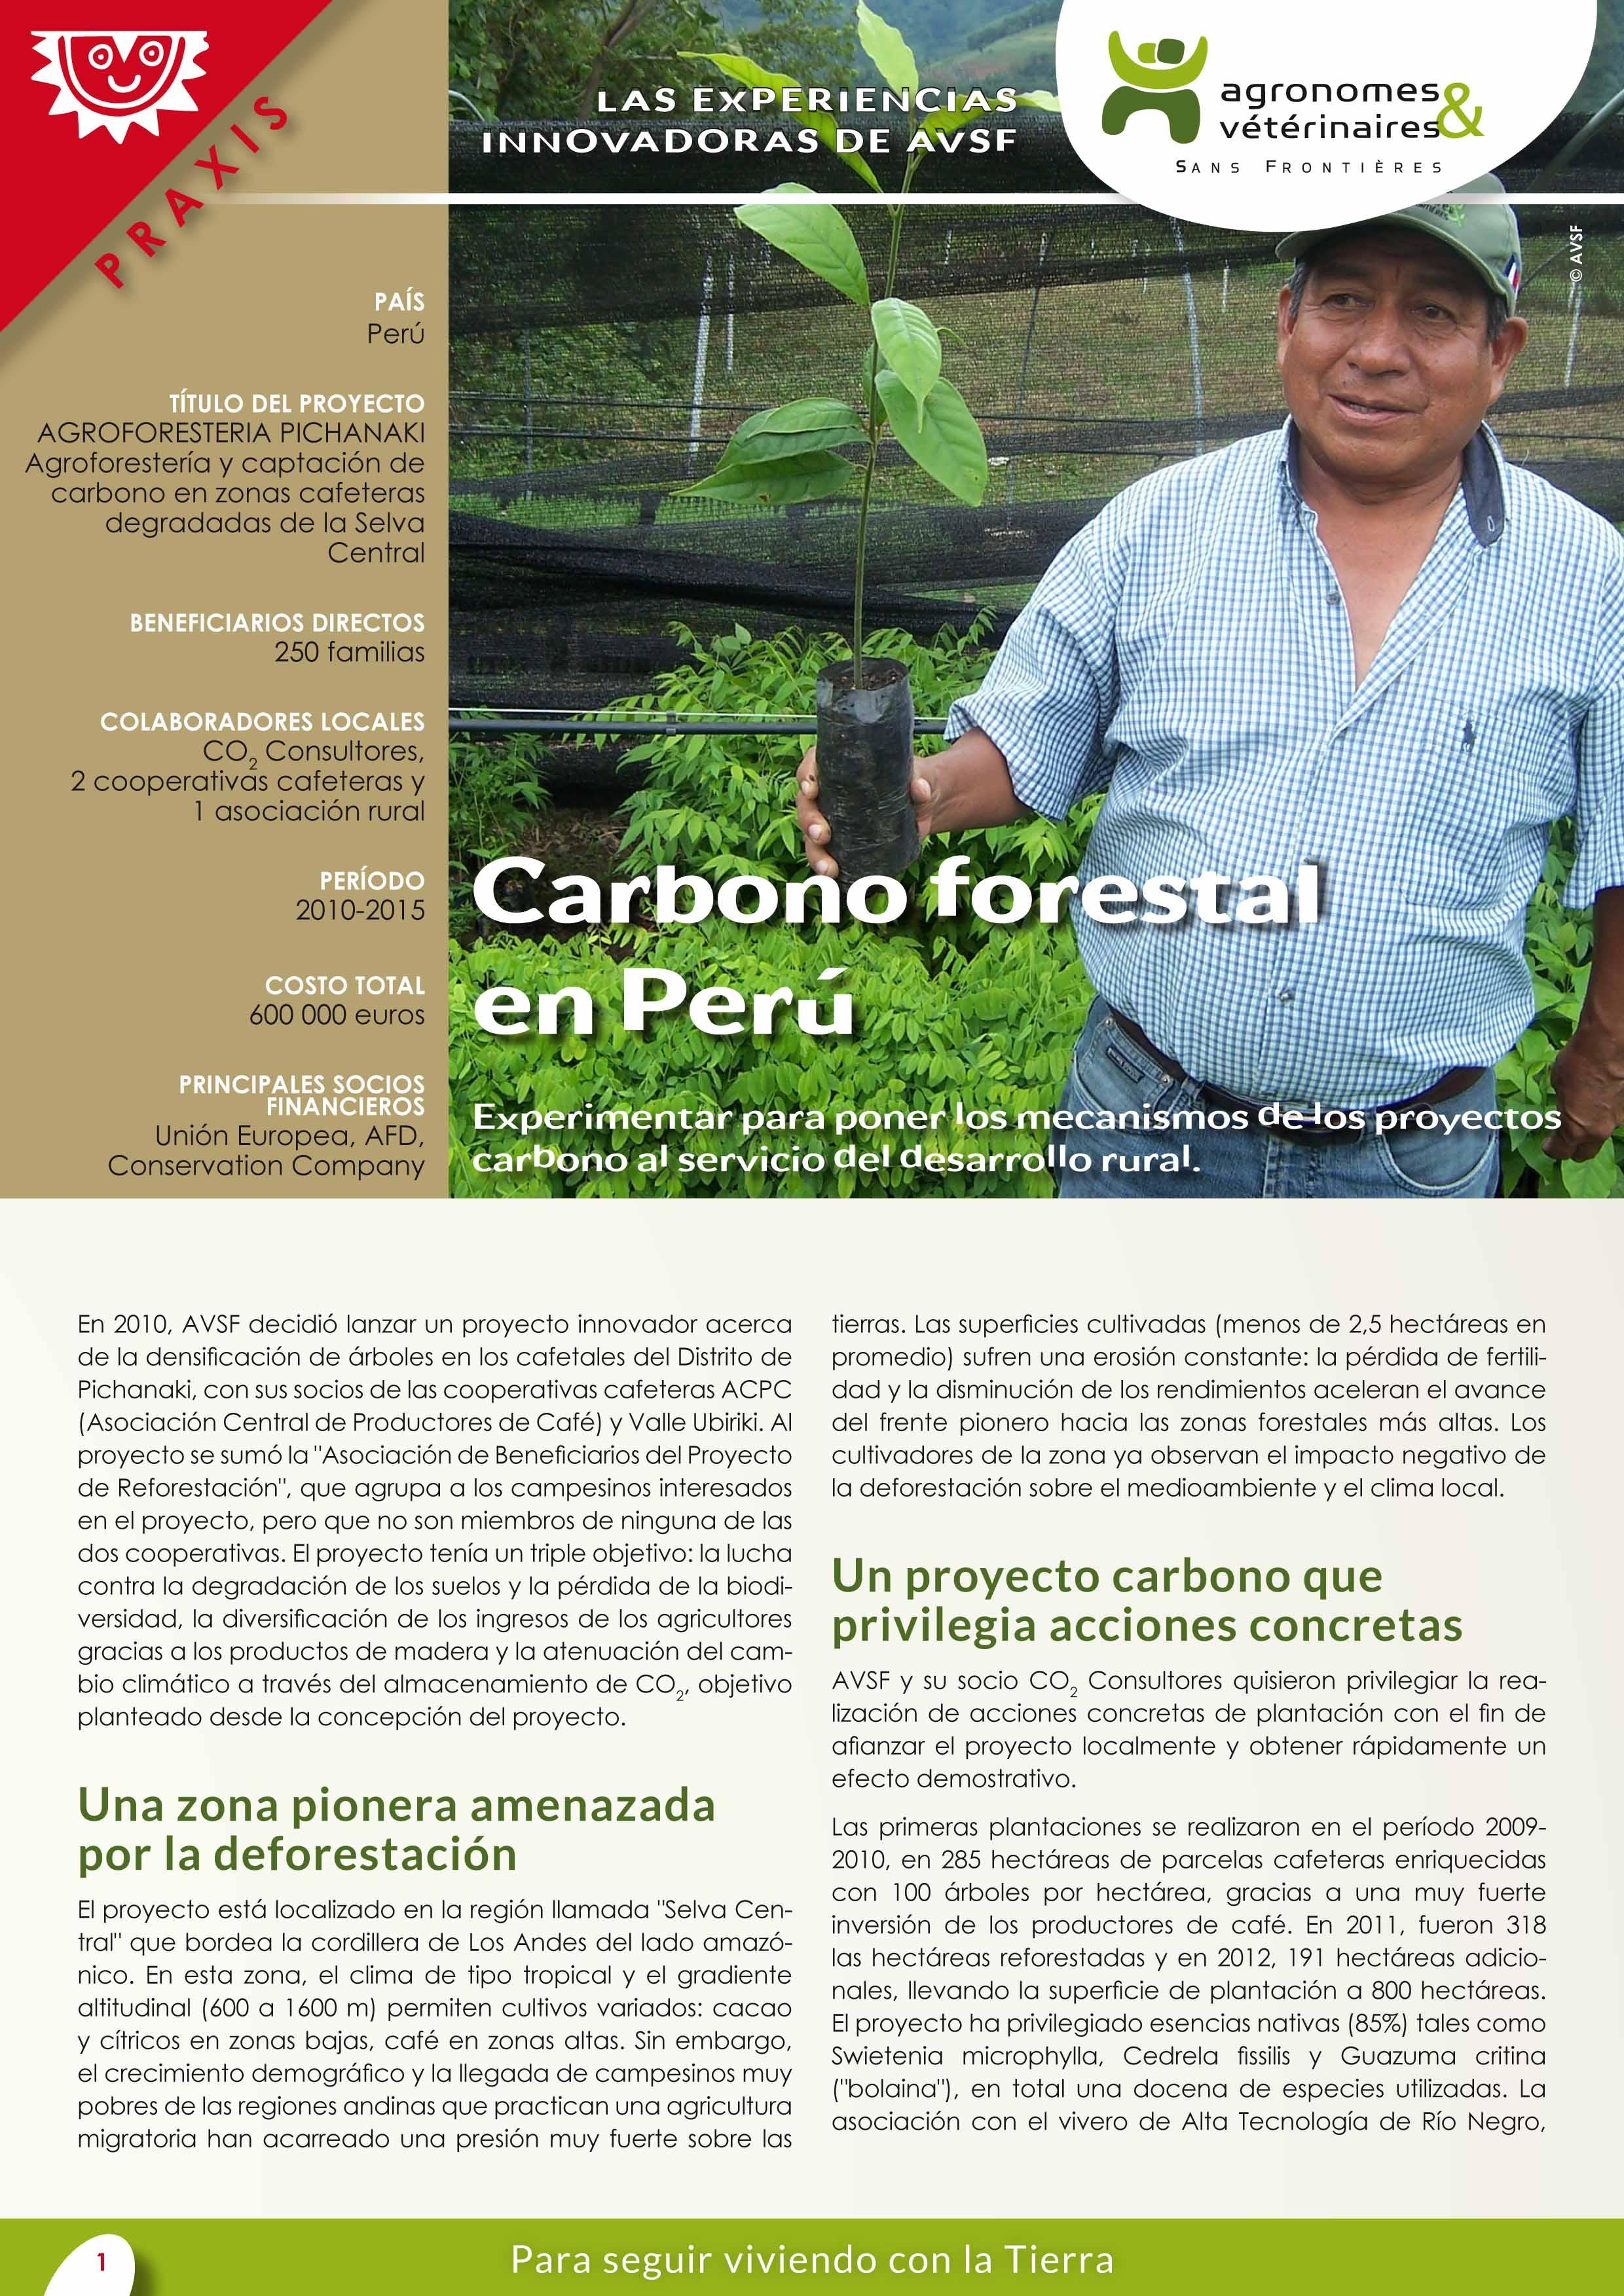 Las experiencias innovadoras de AVSF: Carbono forestal en Perú Image principale